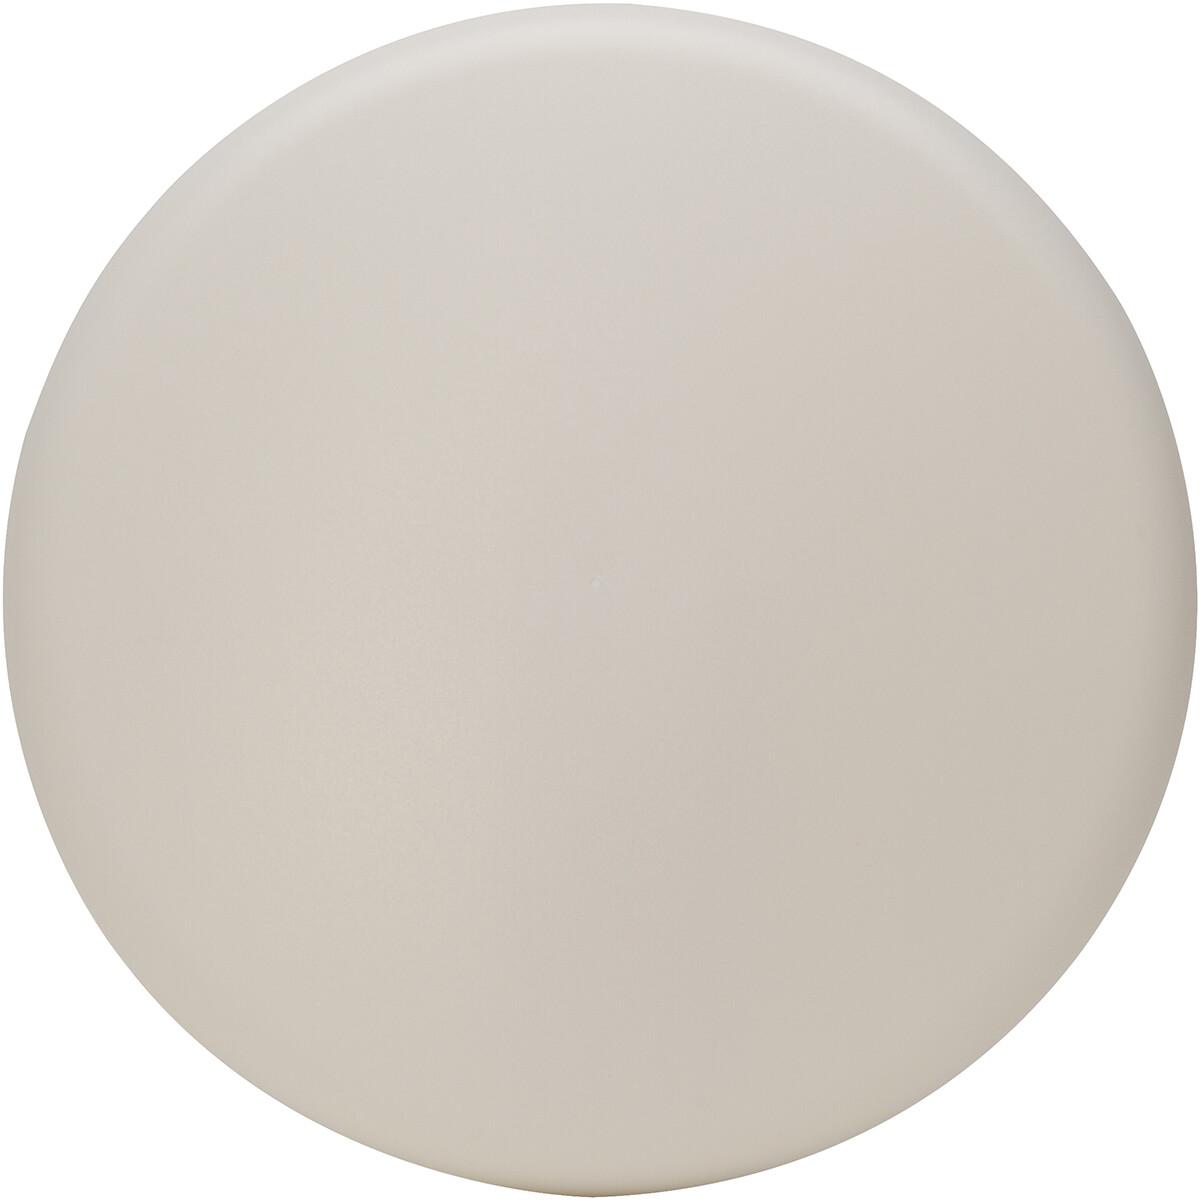 KOPP - Afdekplaat Plafond Centraaldoos - Rond - Wit - 112mm